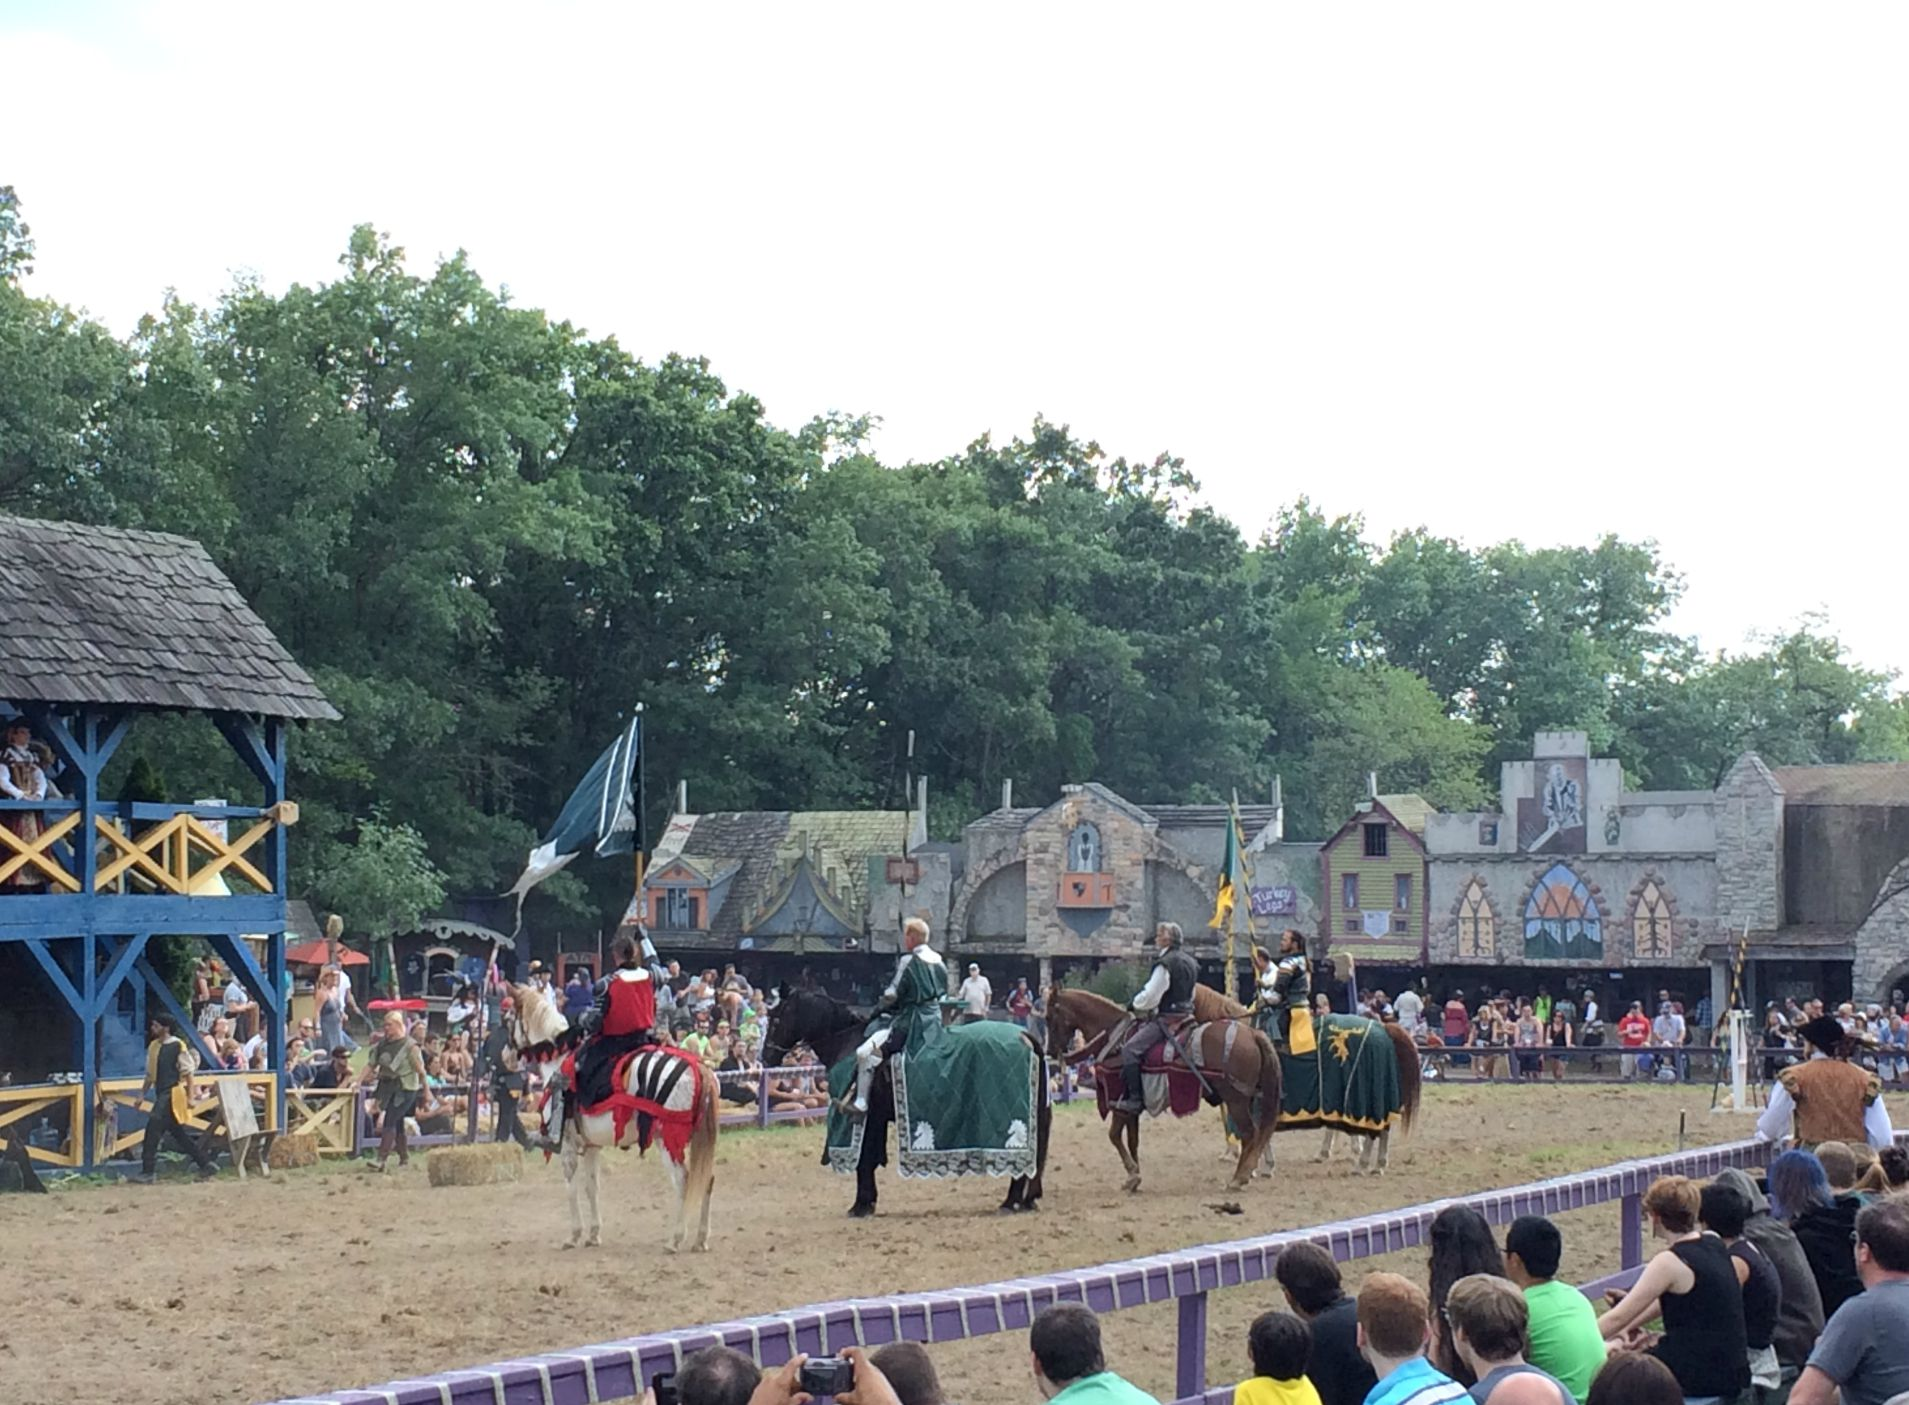 Renaissance Festival jousting show